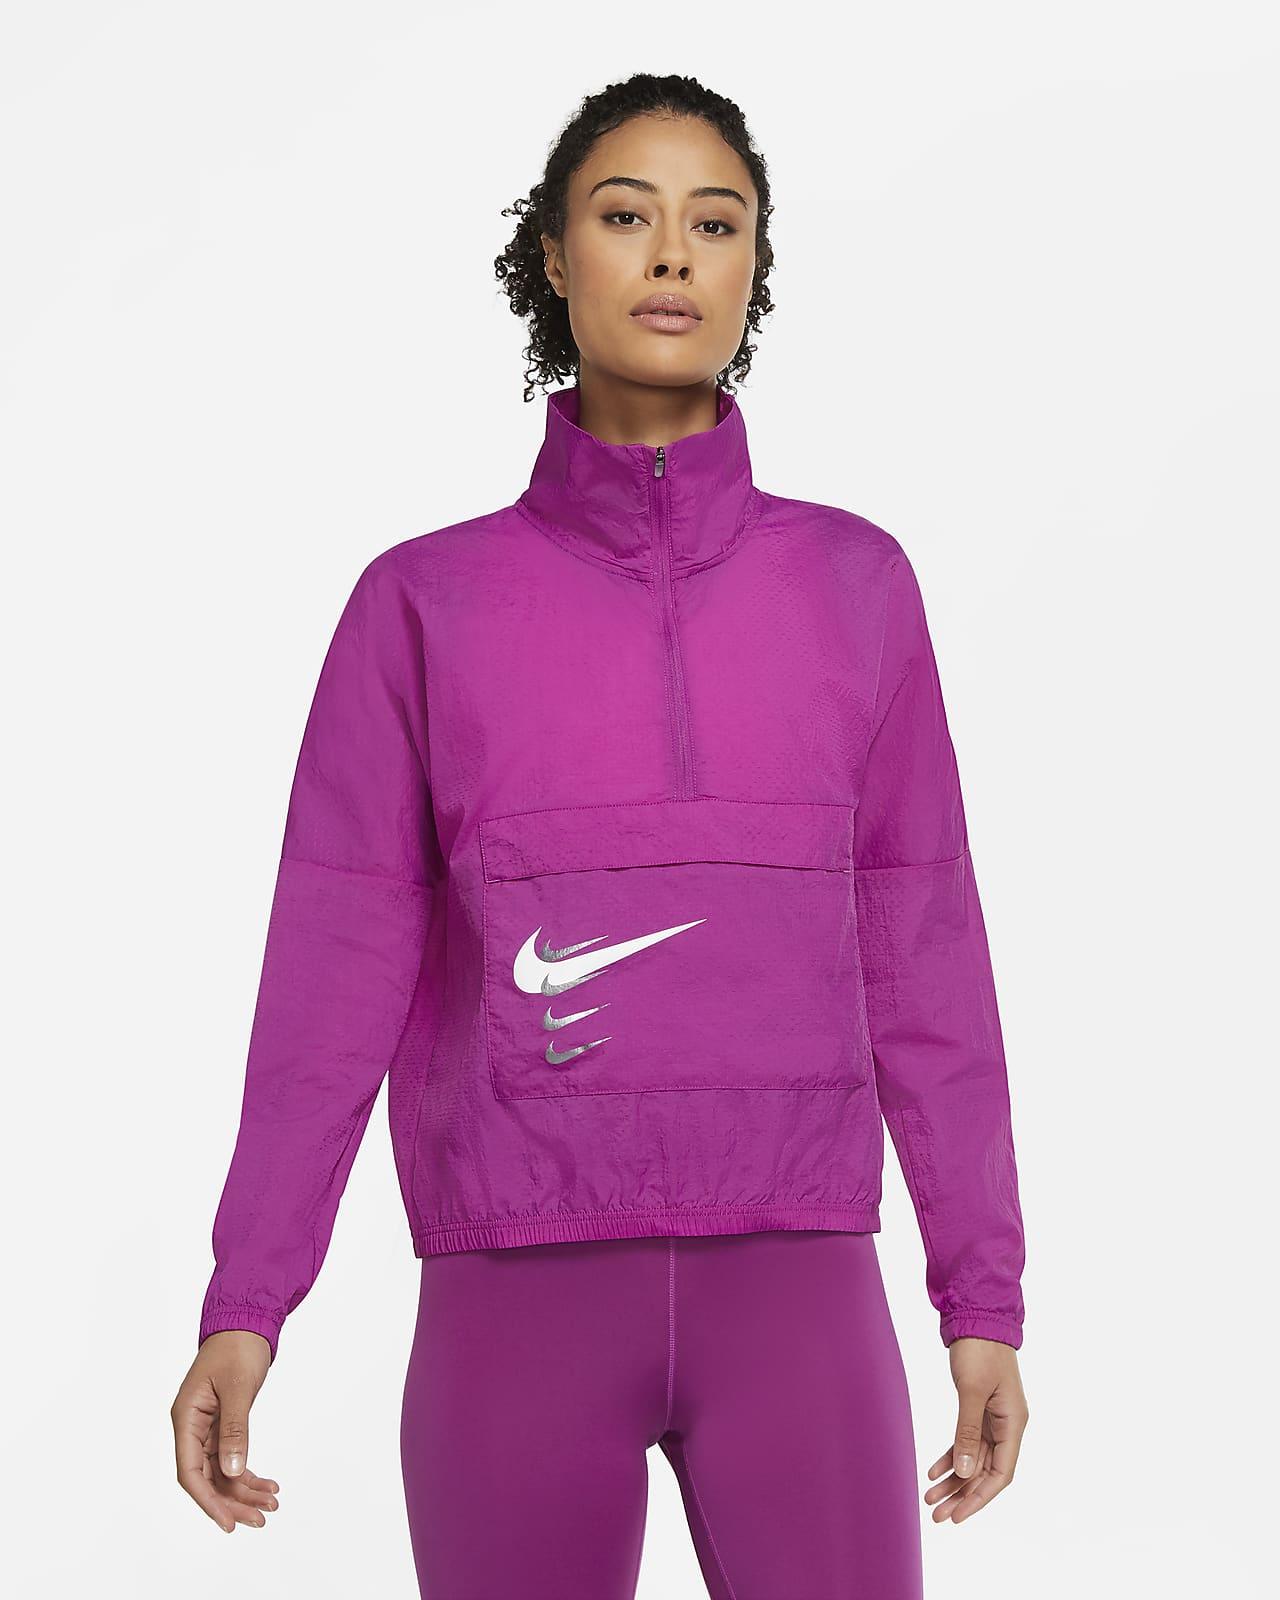 Zanahoria Prueba de Derbeville Acostado  Nike Swoosh Run Women's Running Jacket. Nike LU